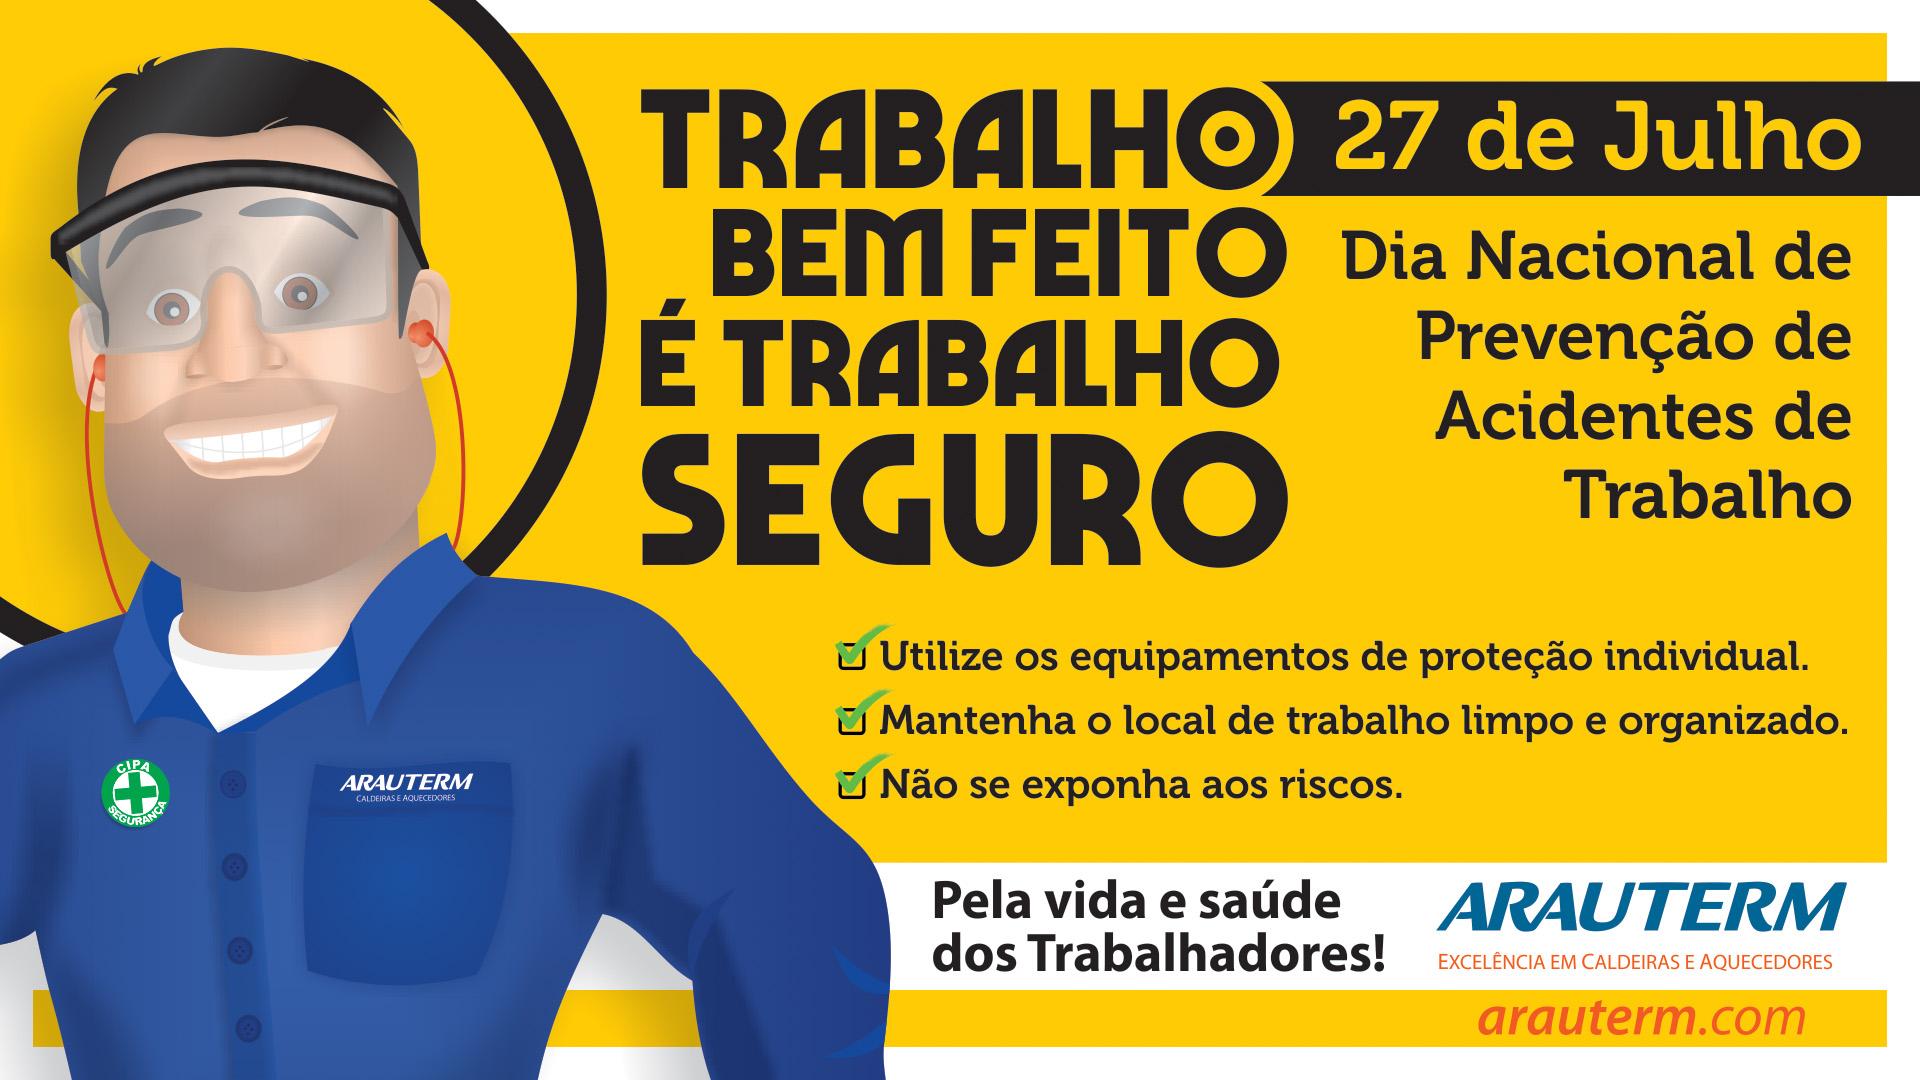 27 de Julho - Dia Nacional de Prevenção de Acidentes de Trabalho